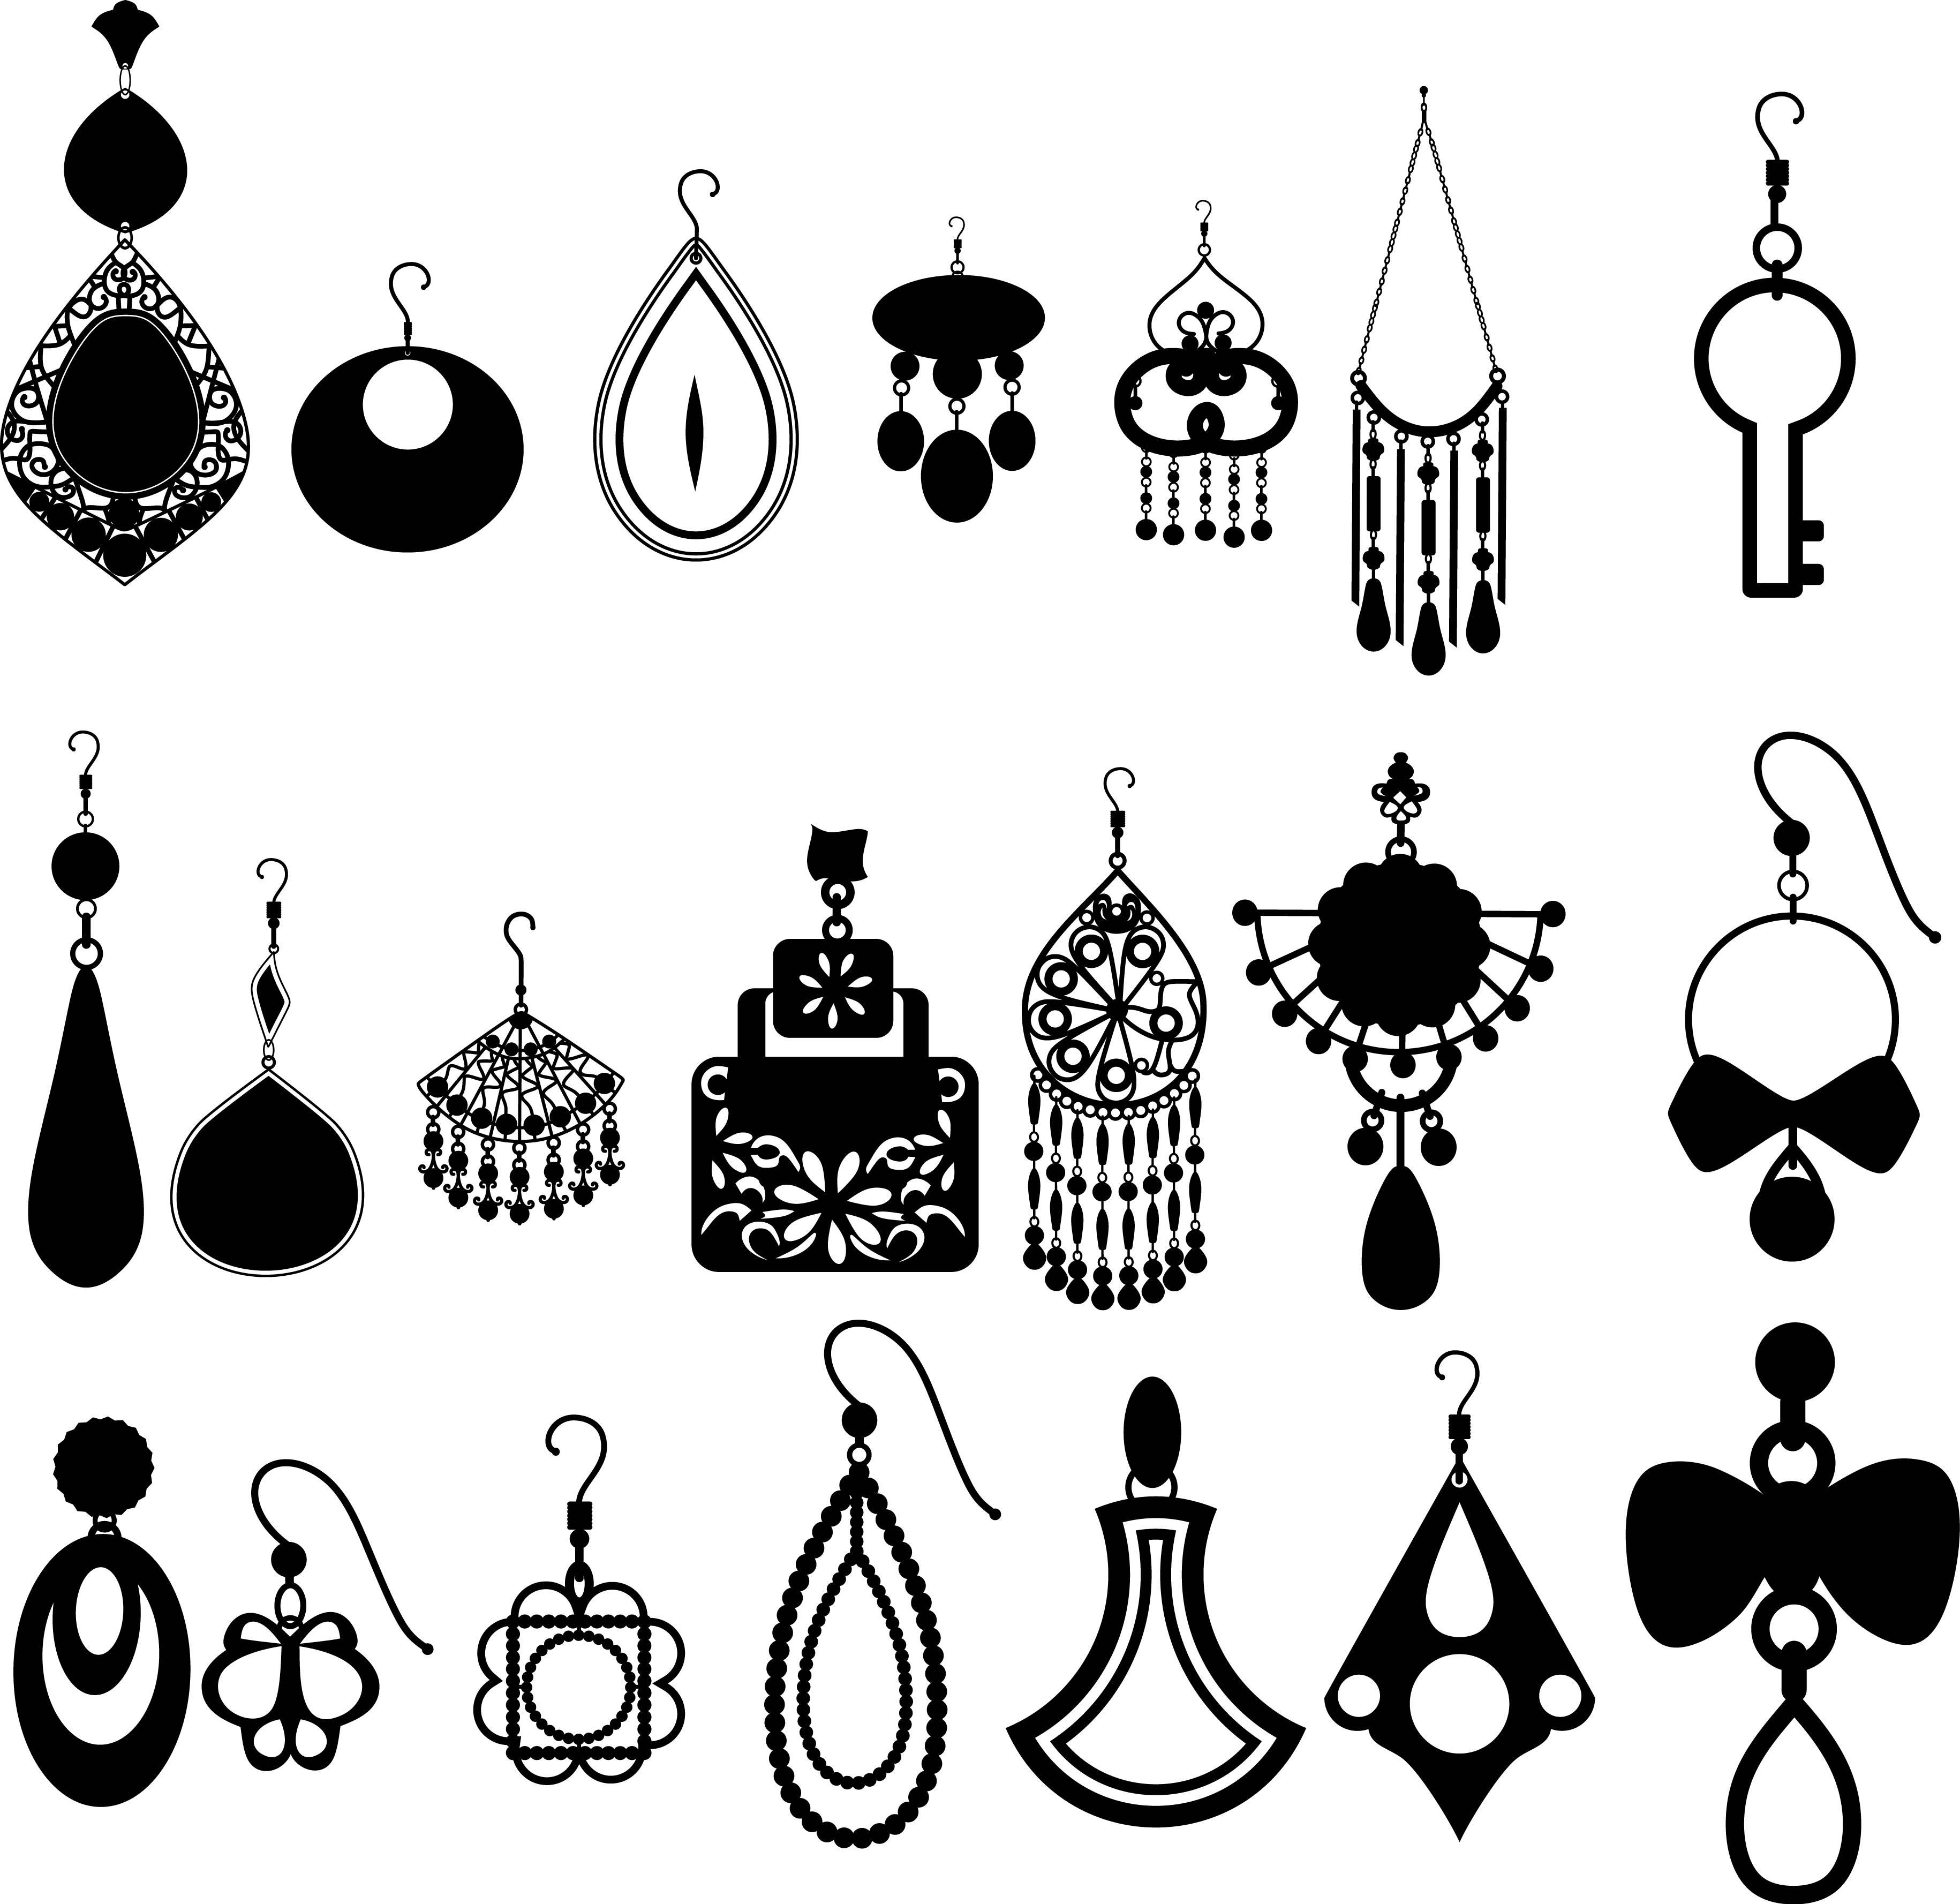 rabais de premier ordre Livraison gratuite dans le monde entier profiter de prix bas Comment fabriquer des porte boucles d'oreilles originaux ...